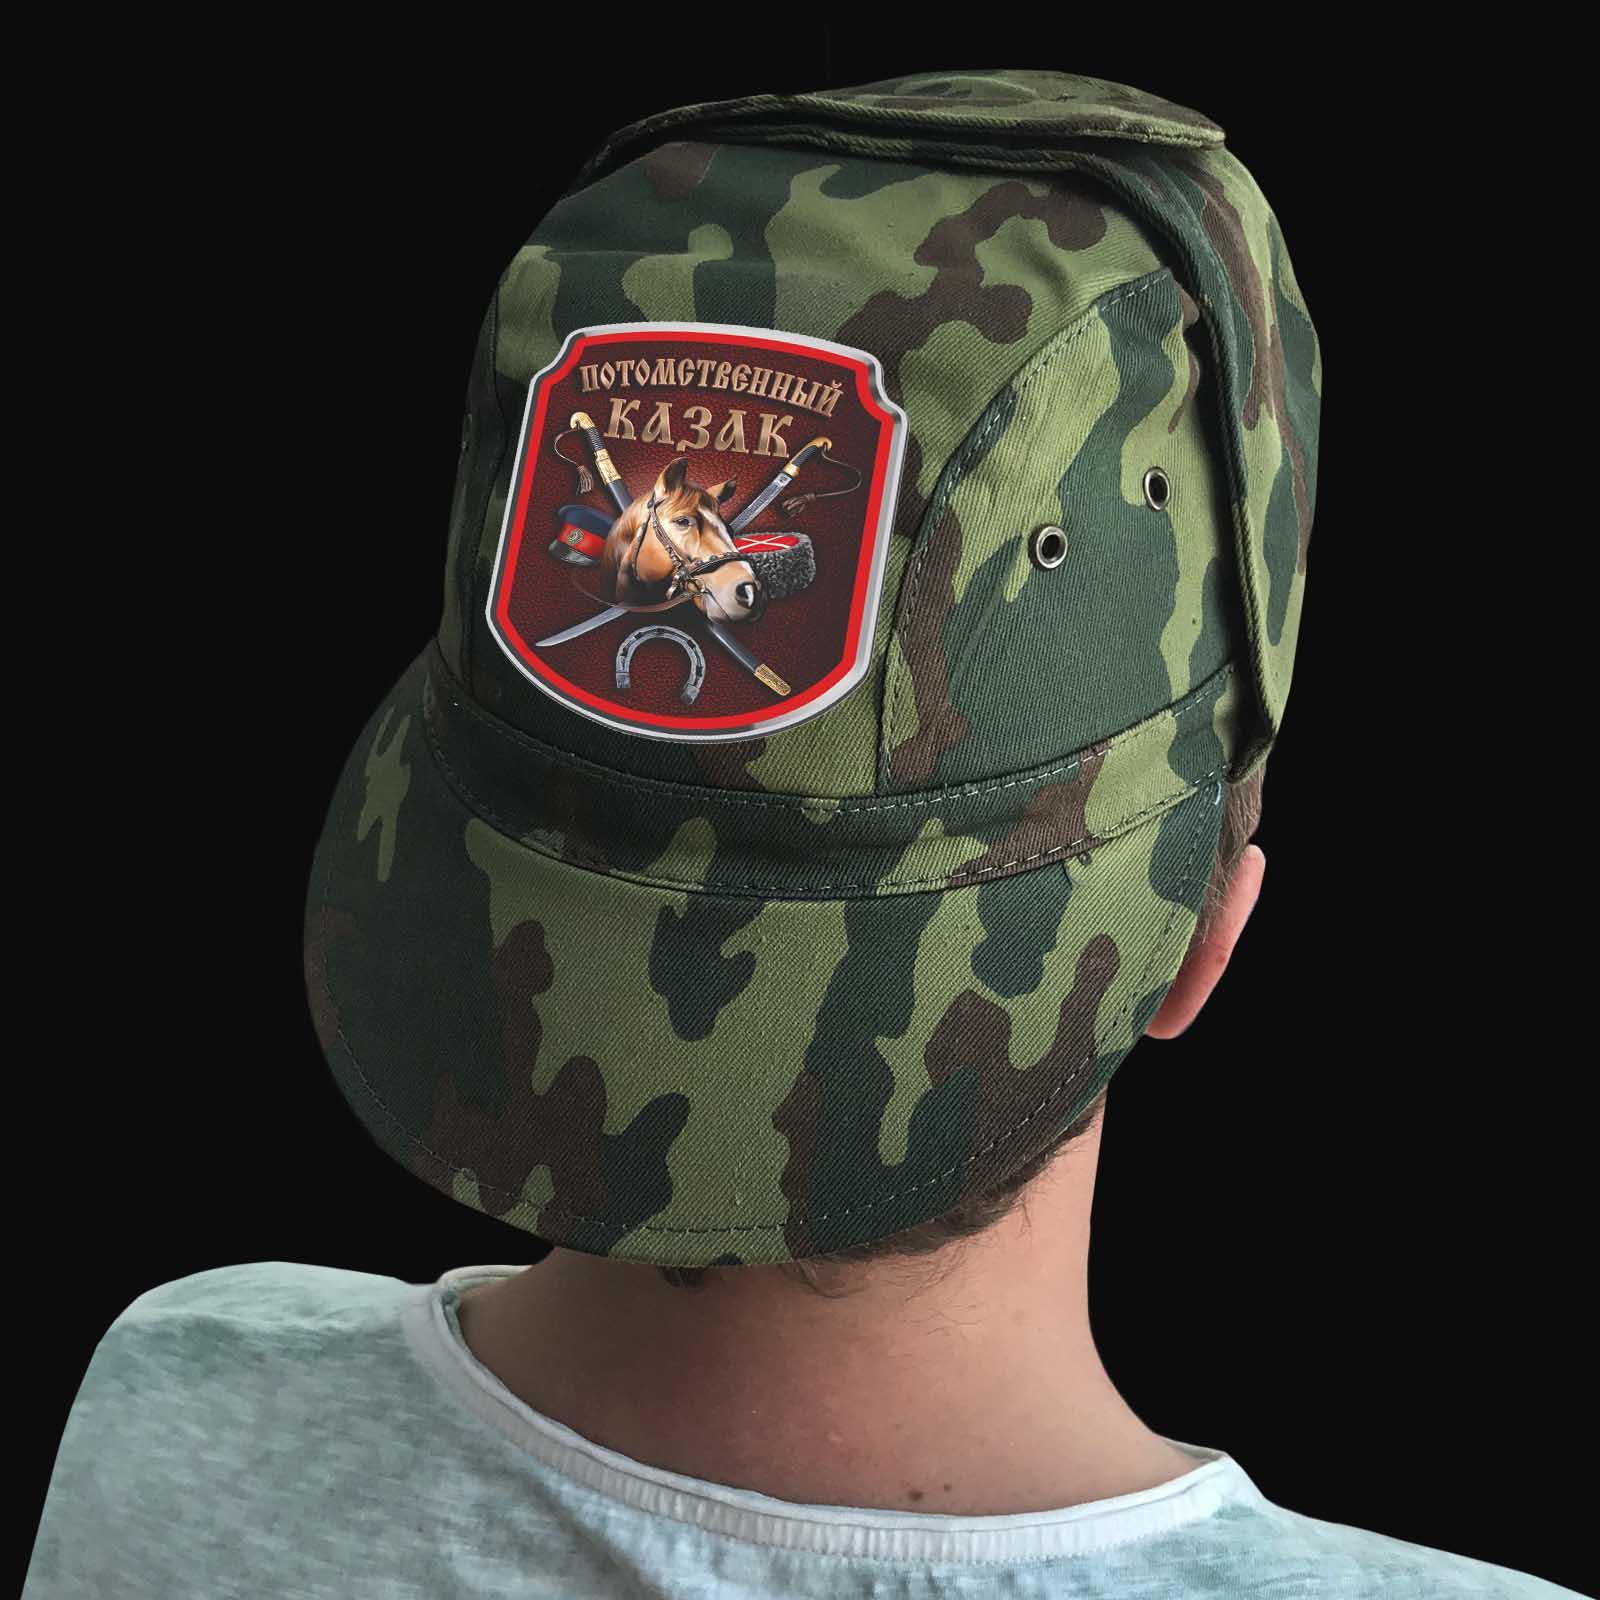 Заказать камуфляжные кепки недорого